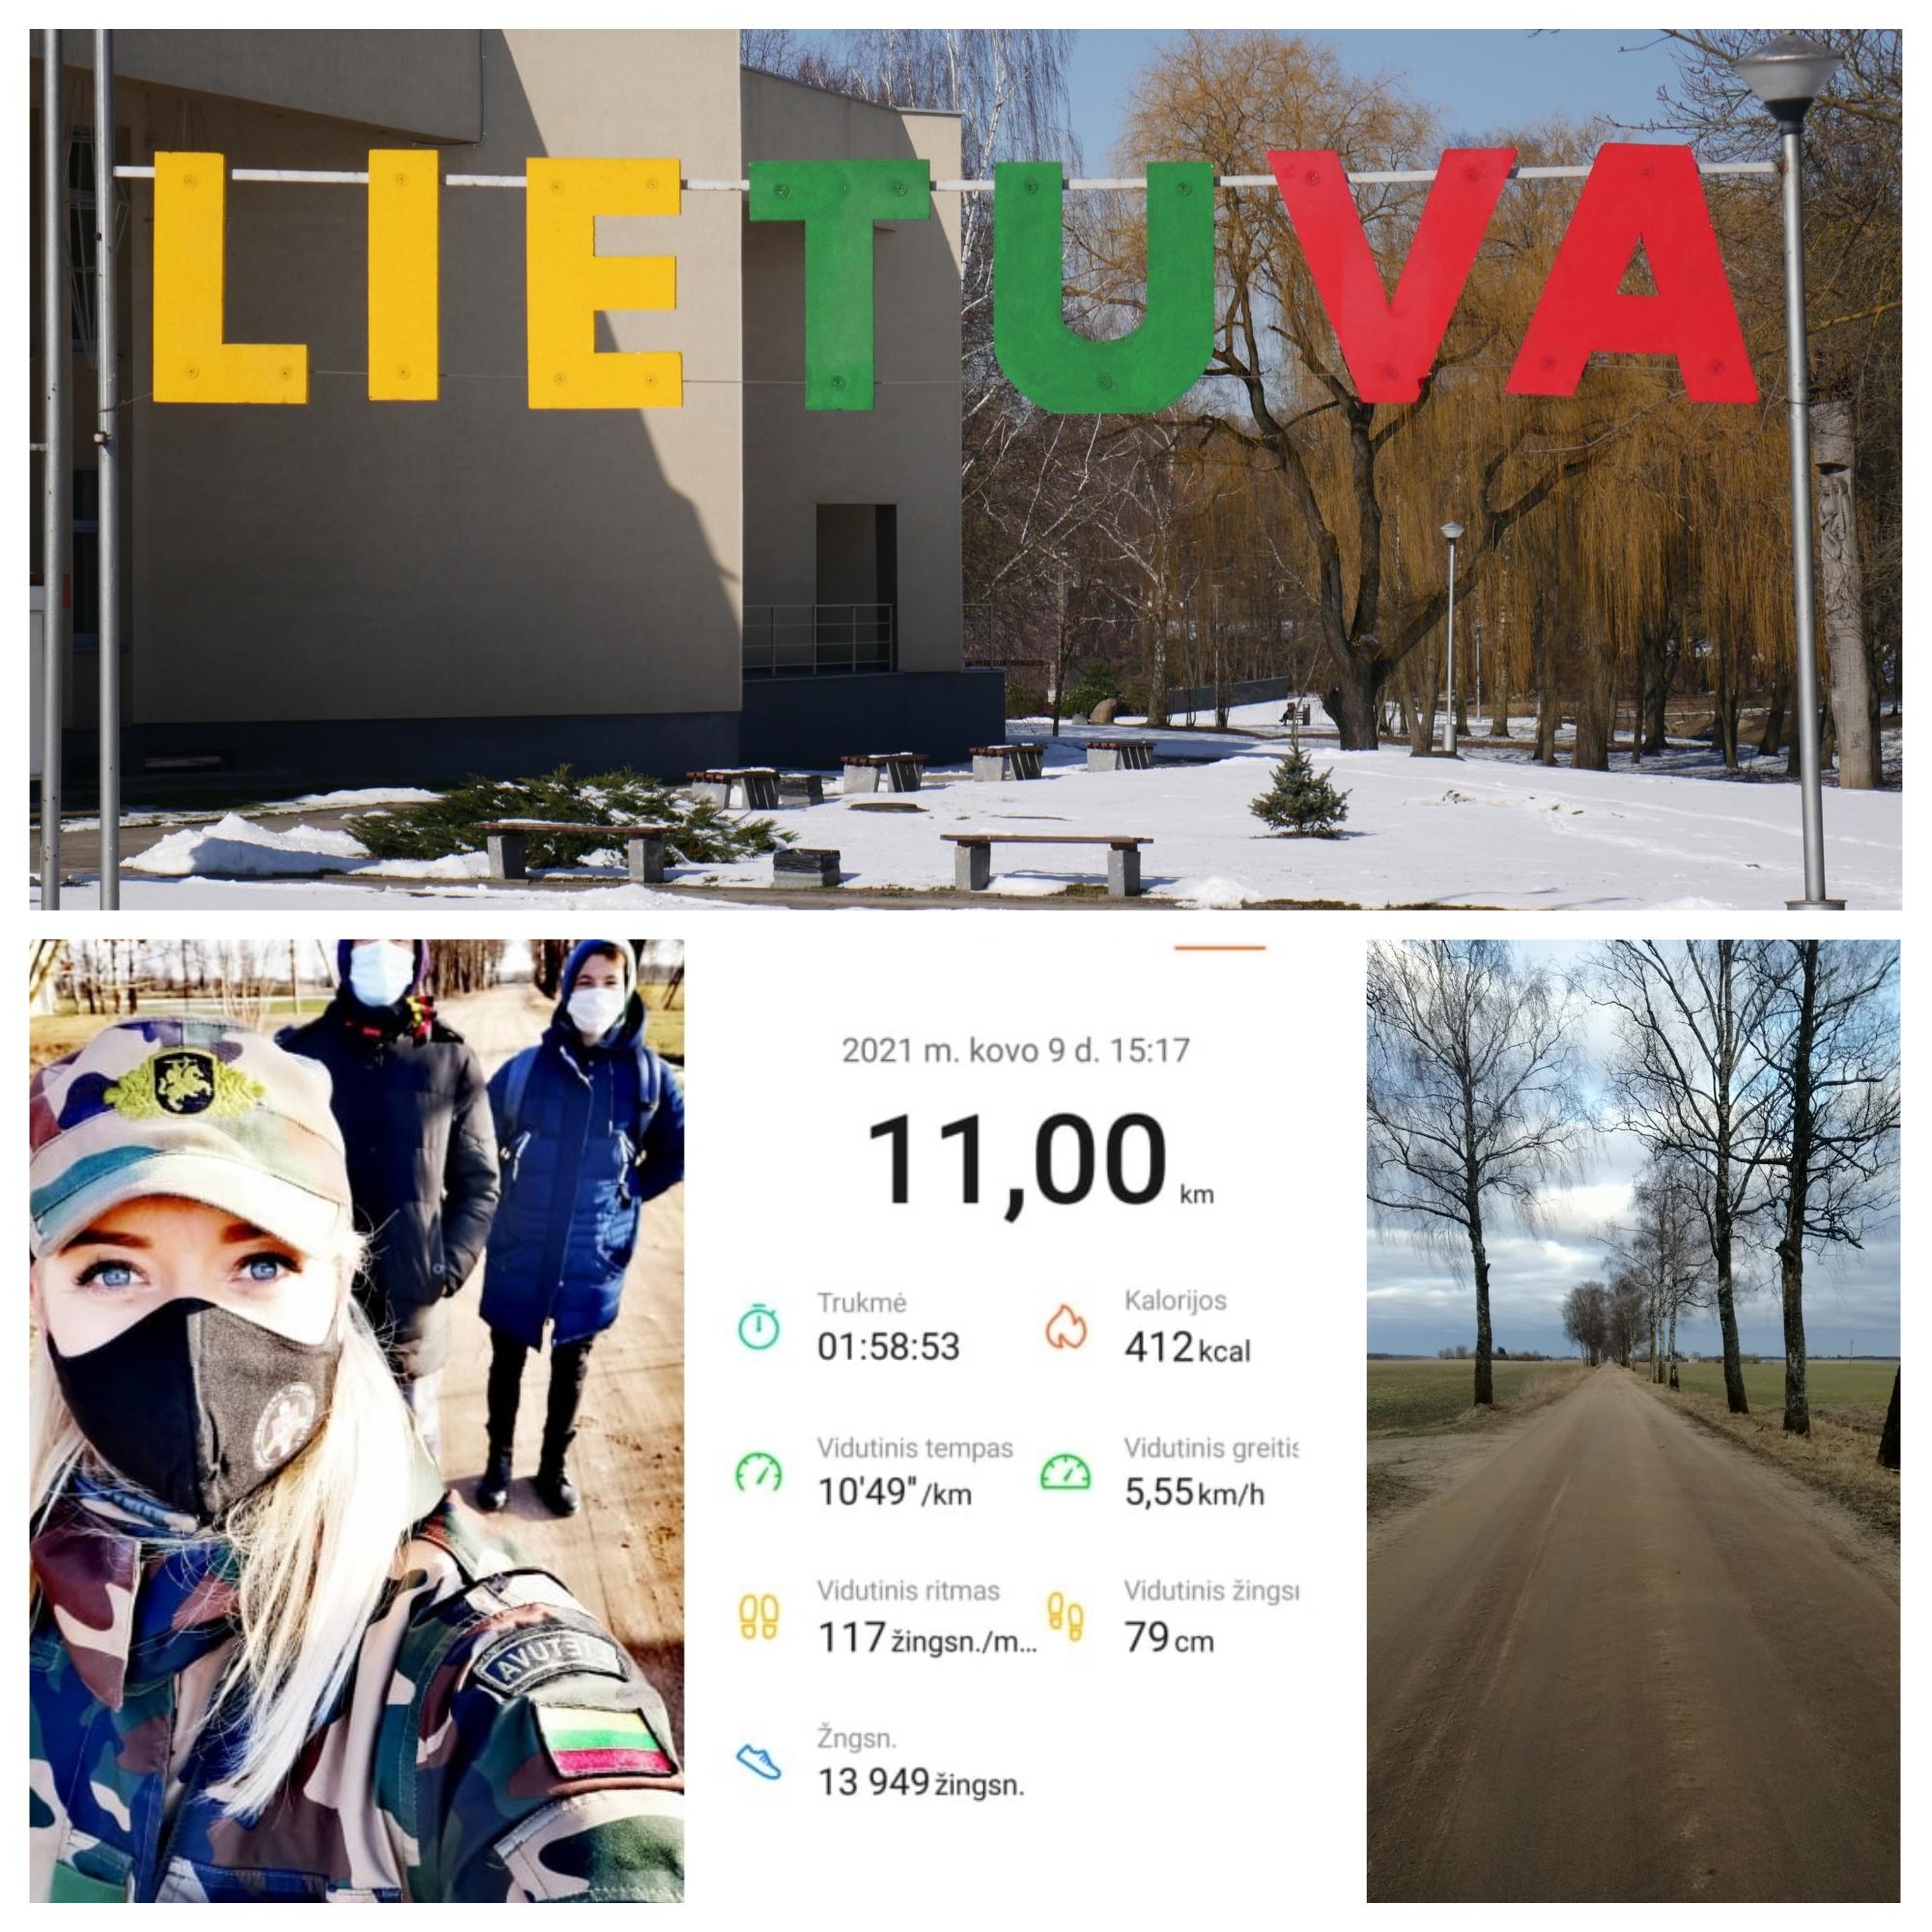 Jaunieji pasieniečiai sveikina su Lietuvos Nepriklausomybės atkūrimo diena!